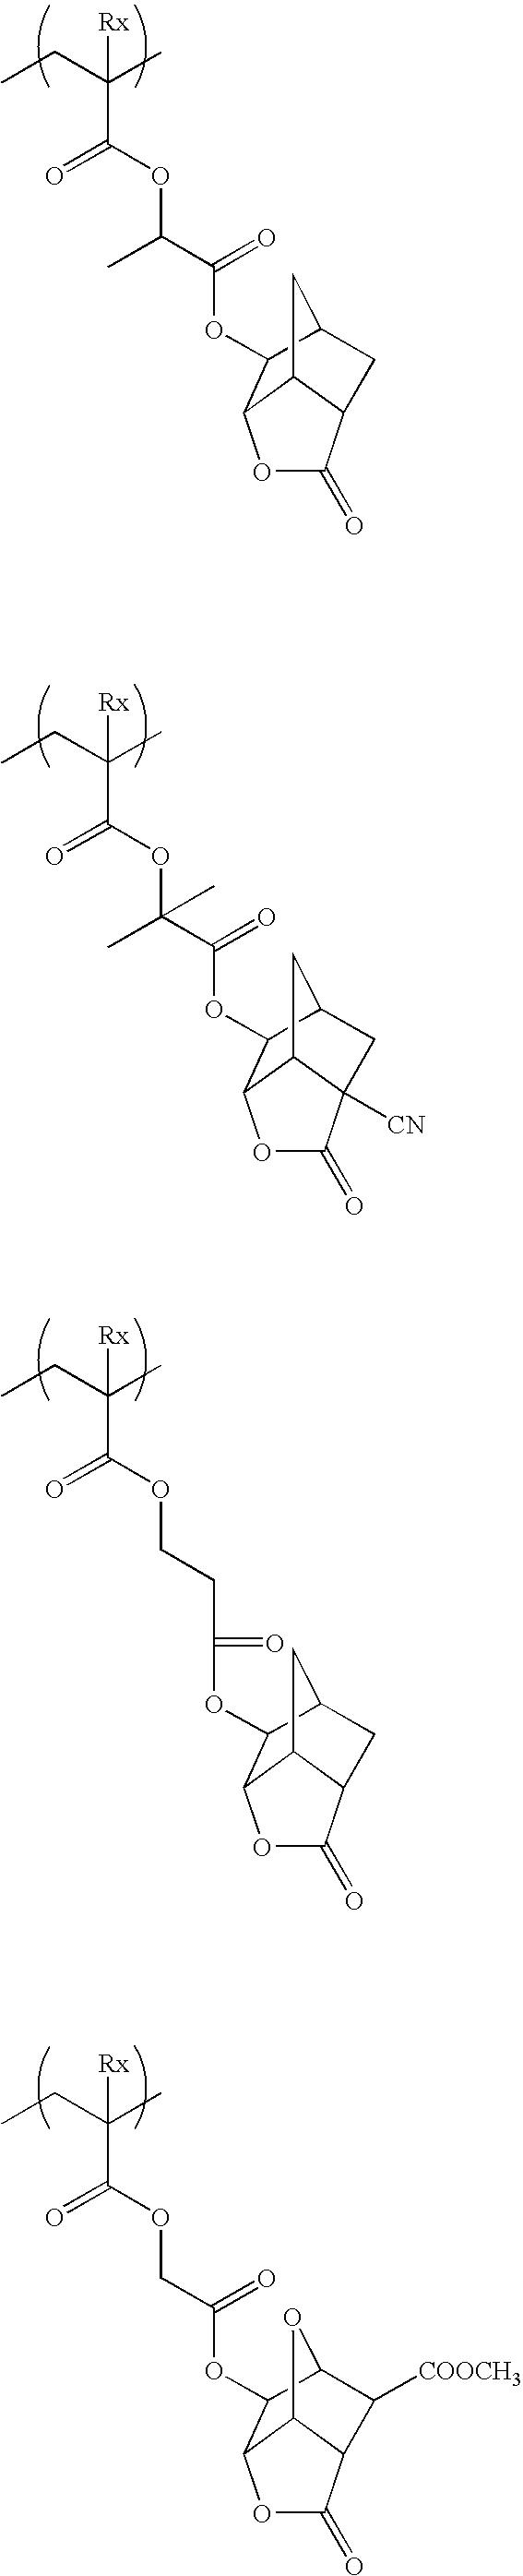 Figure US20100183975A1-20100722-C00137